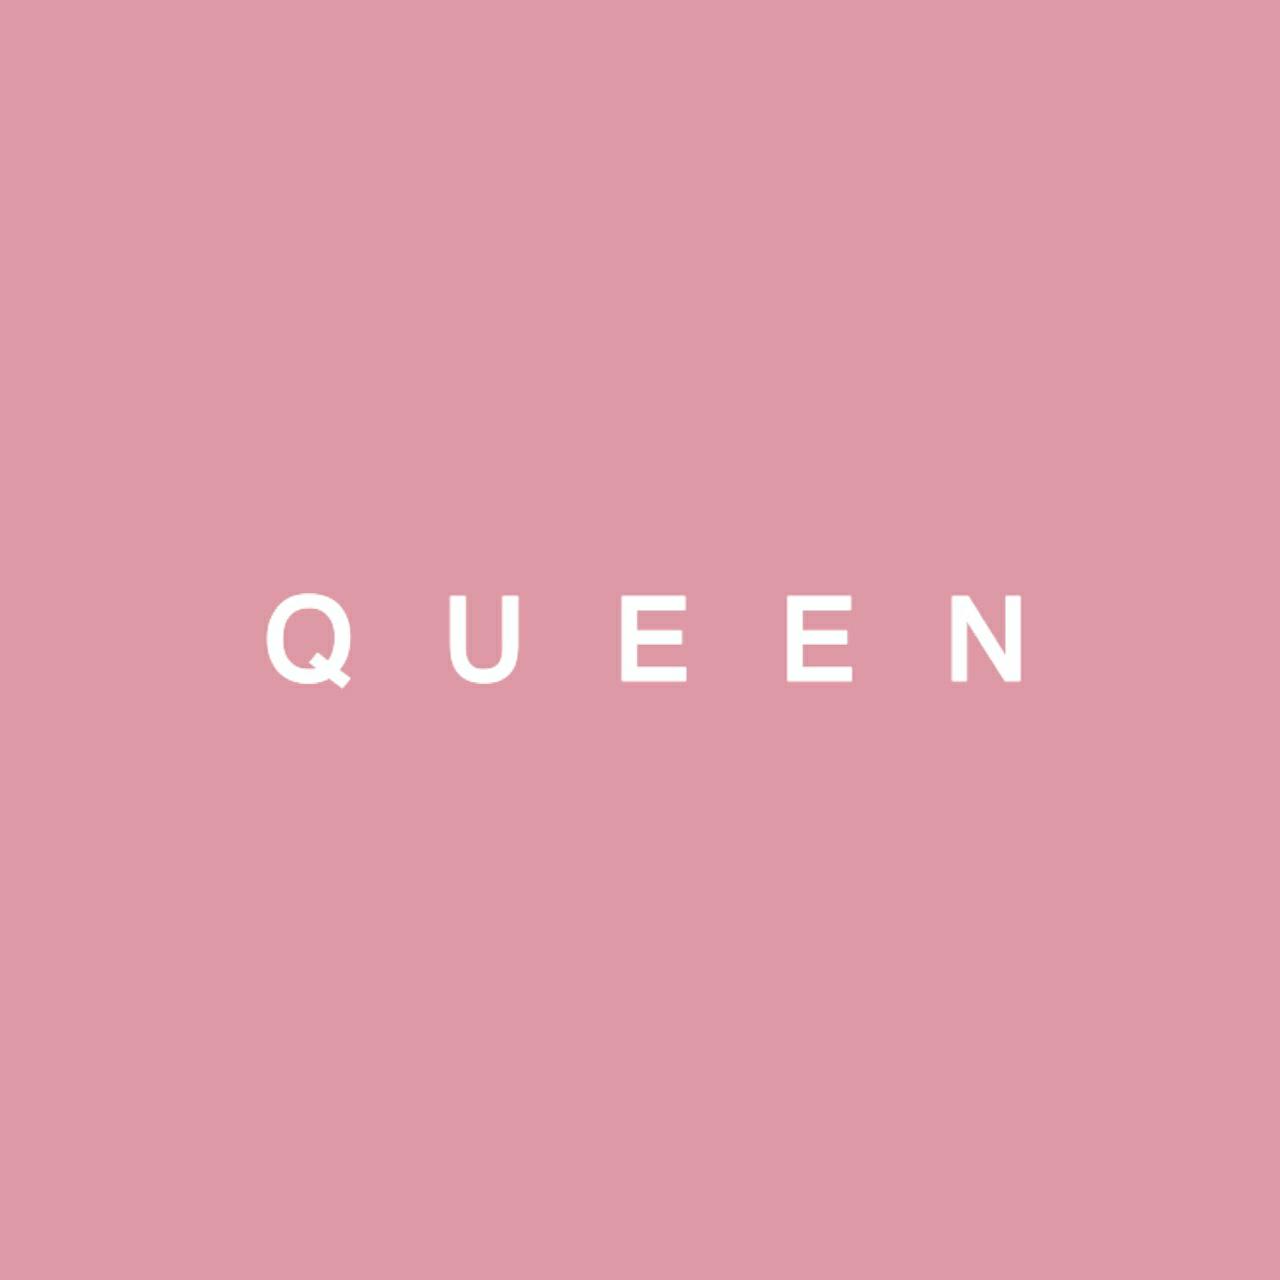 Iphone wallpaper tumblr queen - Arabiianbeautyqueen Http Arabiianbeautyqueen Tumblr Com Ig Shesaglamour